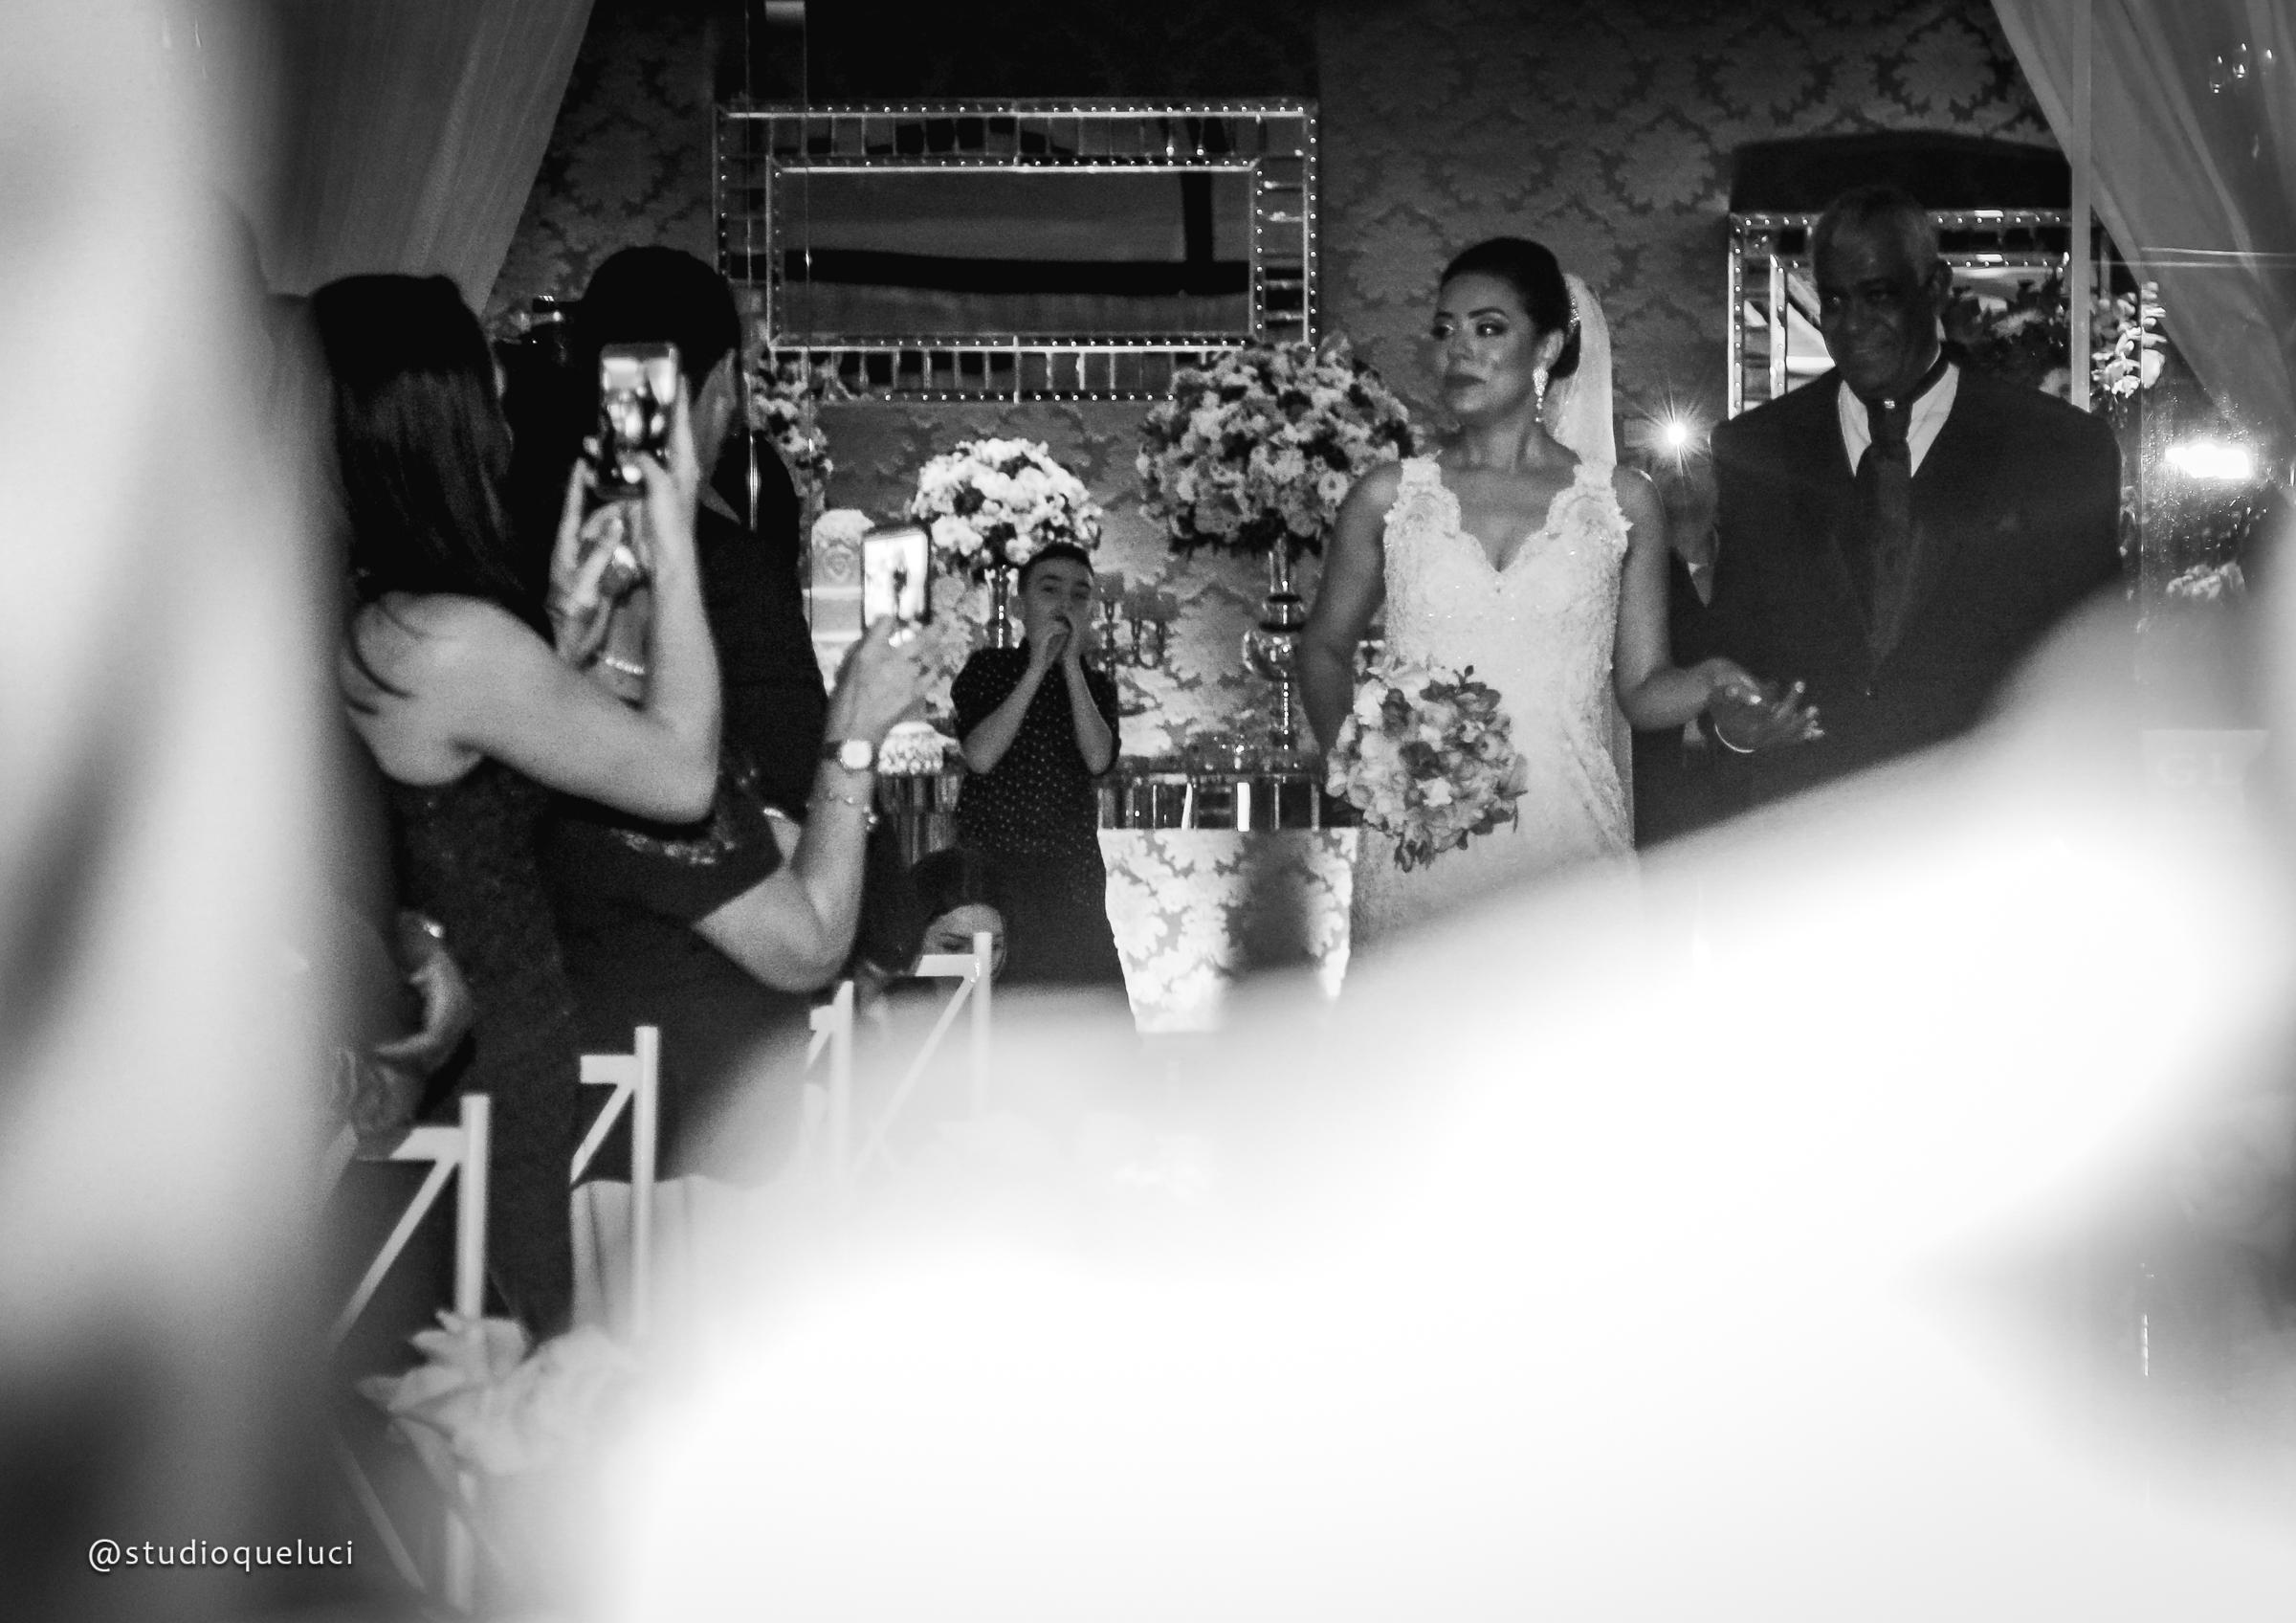 Fotografo no rio de janeiro, casamento de Felipe e Talita (124)